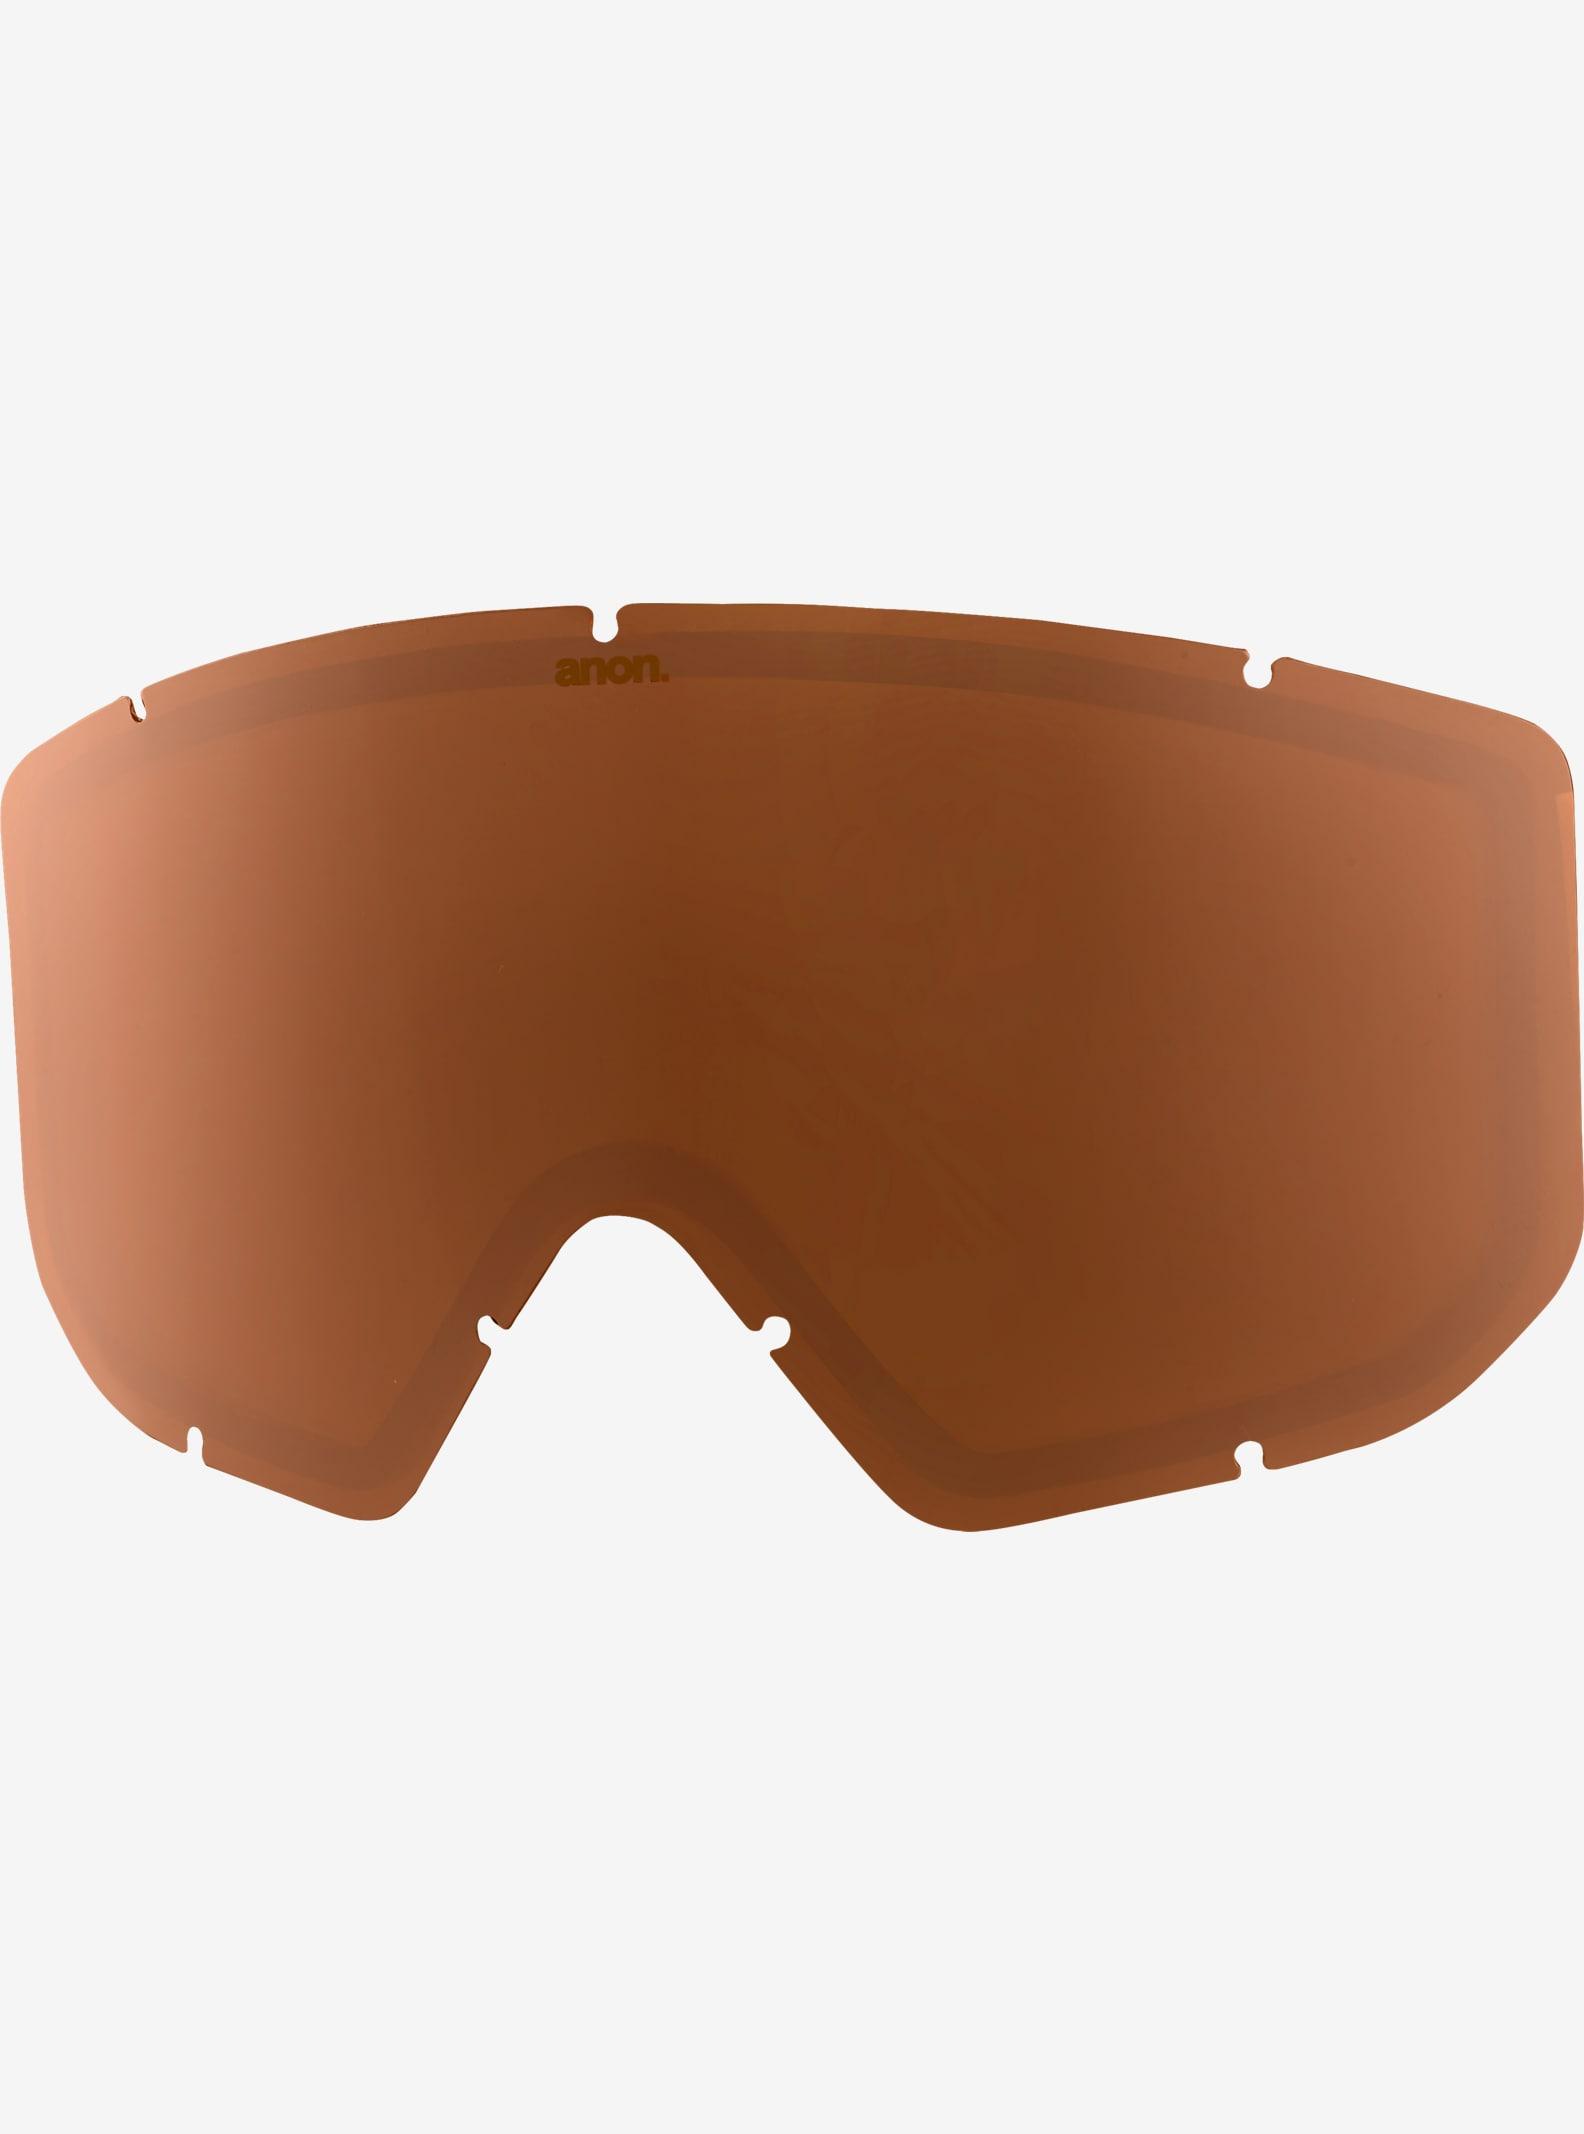 anon. Relapse Goggle Lens shown in Amber (55% VLT)